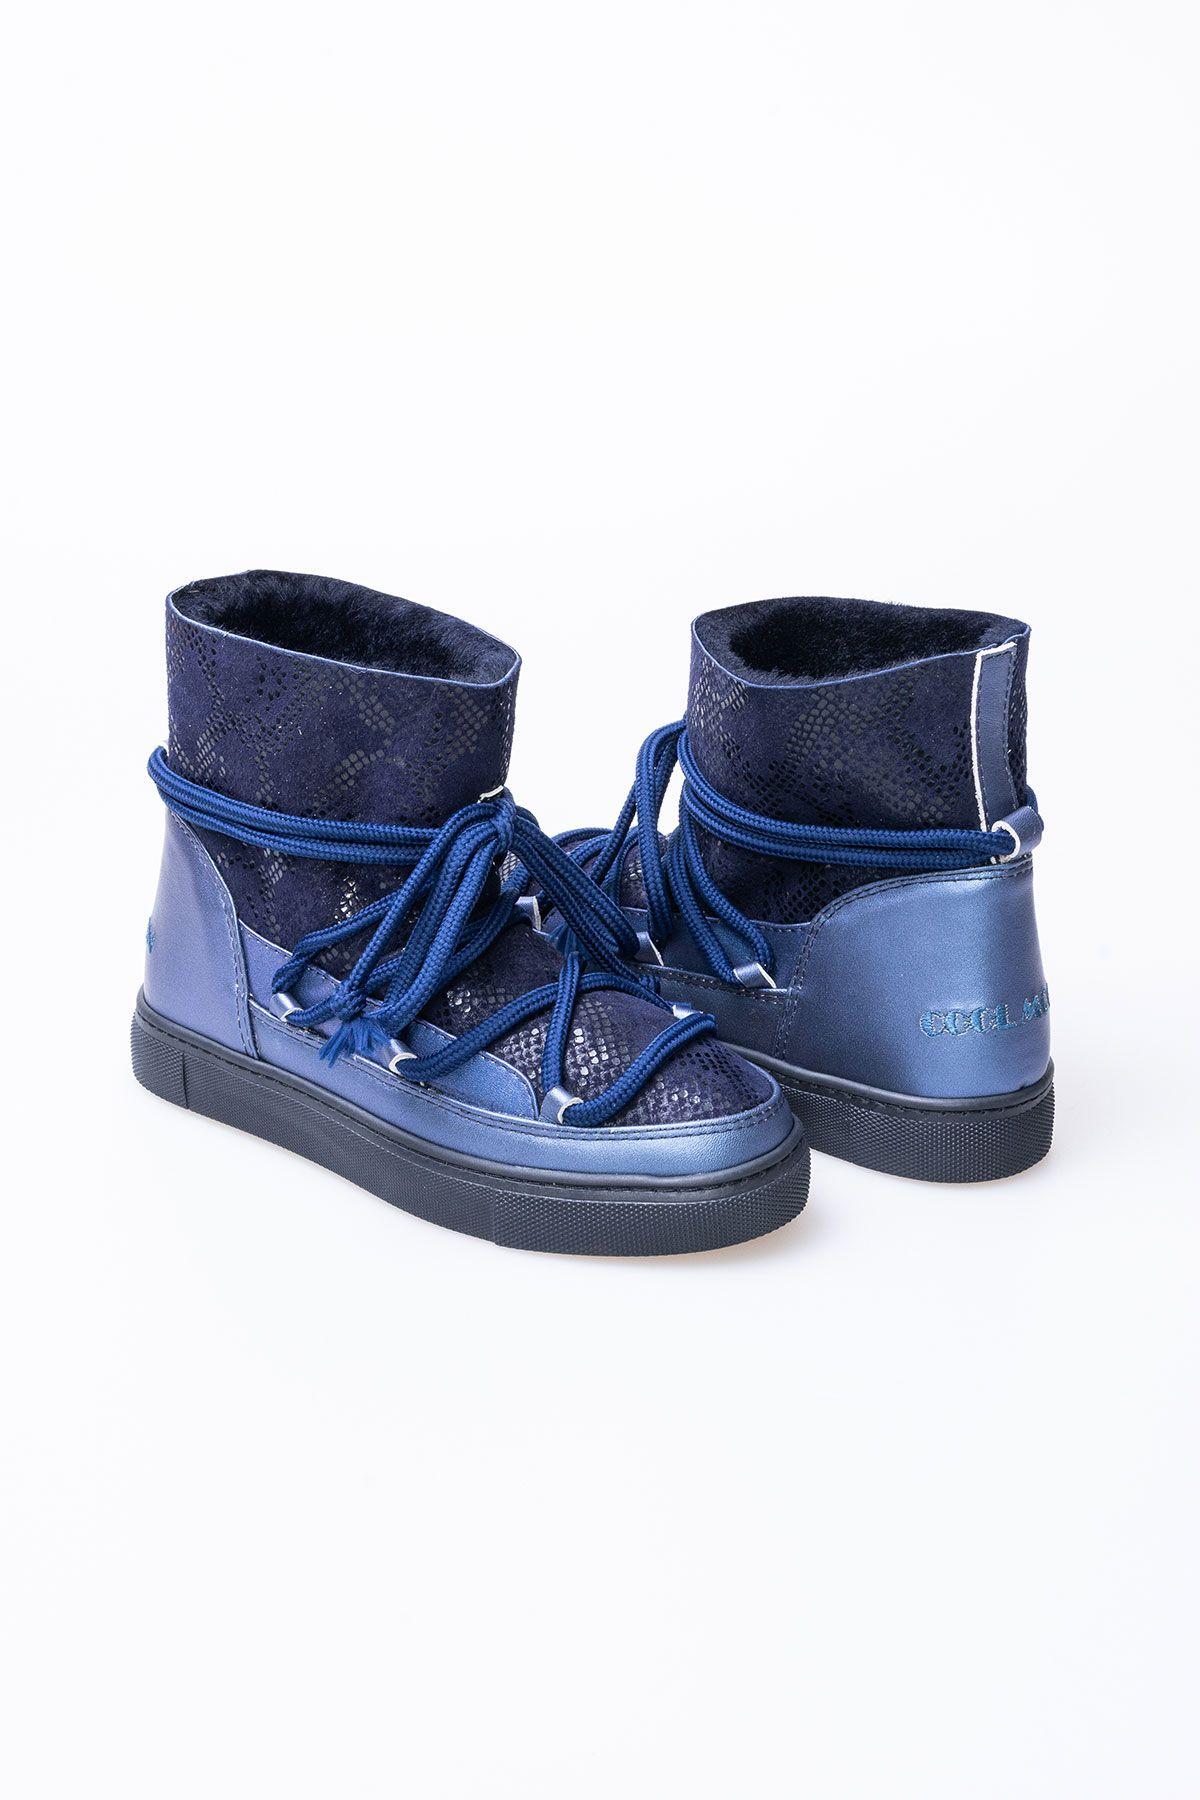 Cool Moon Hakiki Kürk Yılan Desen Bayan Sneaker 355012 Lacivert